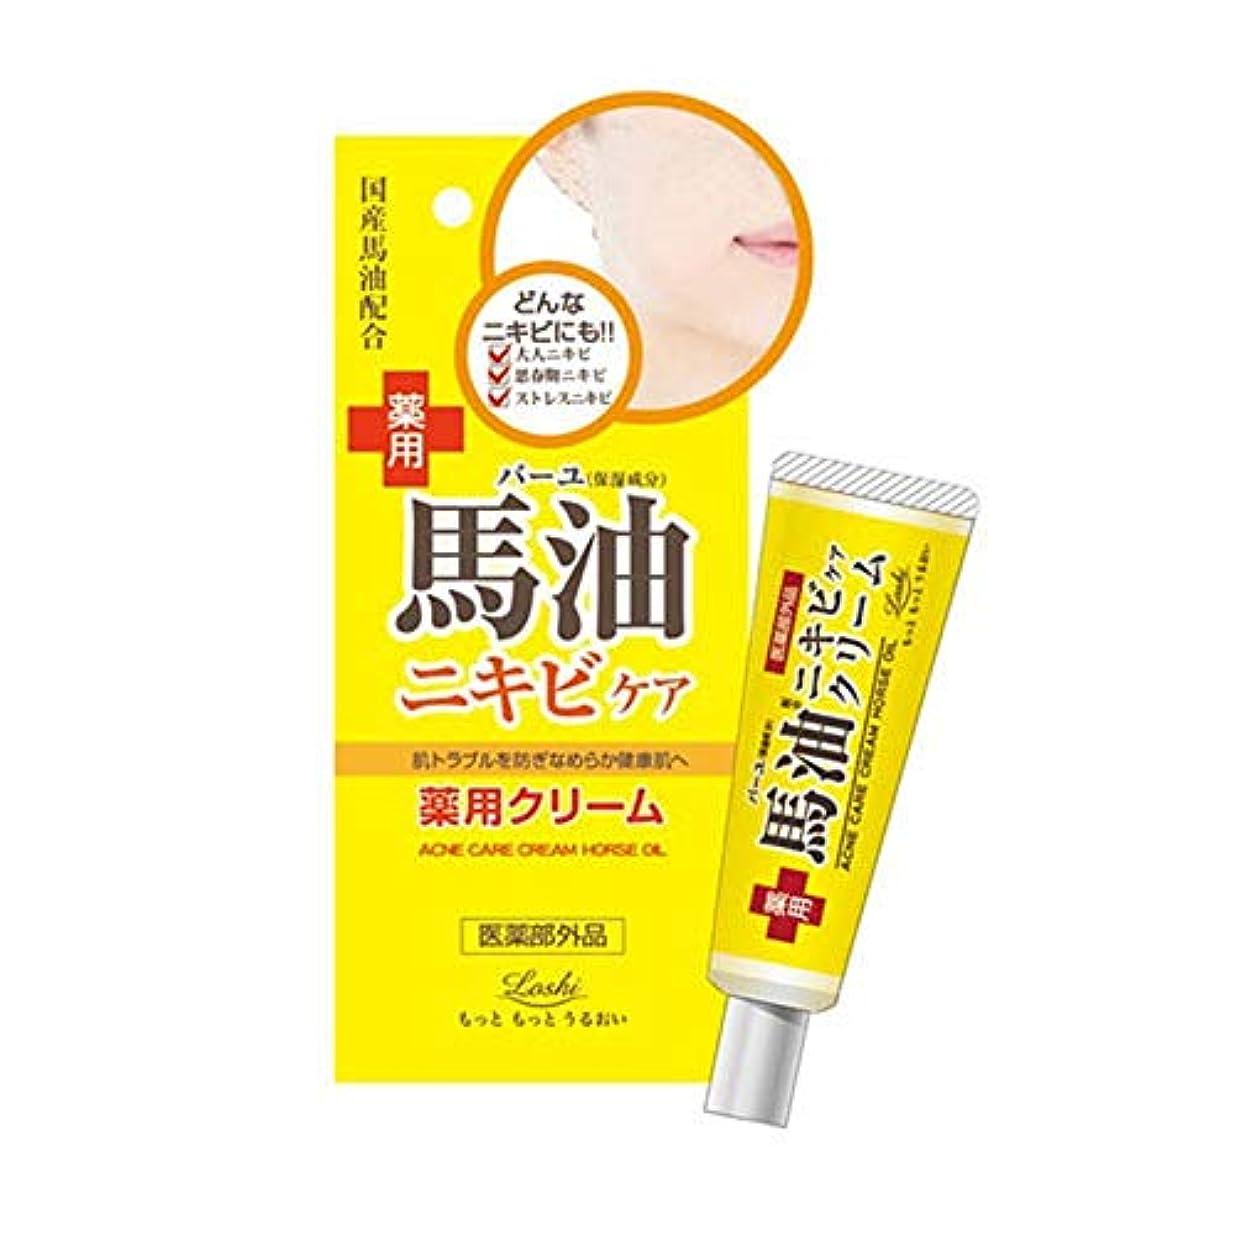 有能な統合シャツロッシモイストエイド 薬用ケアクリーム 馬油 20g